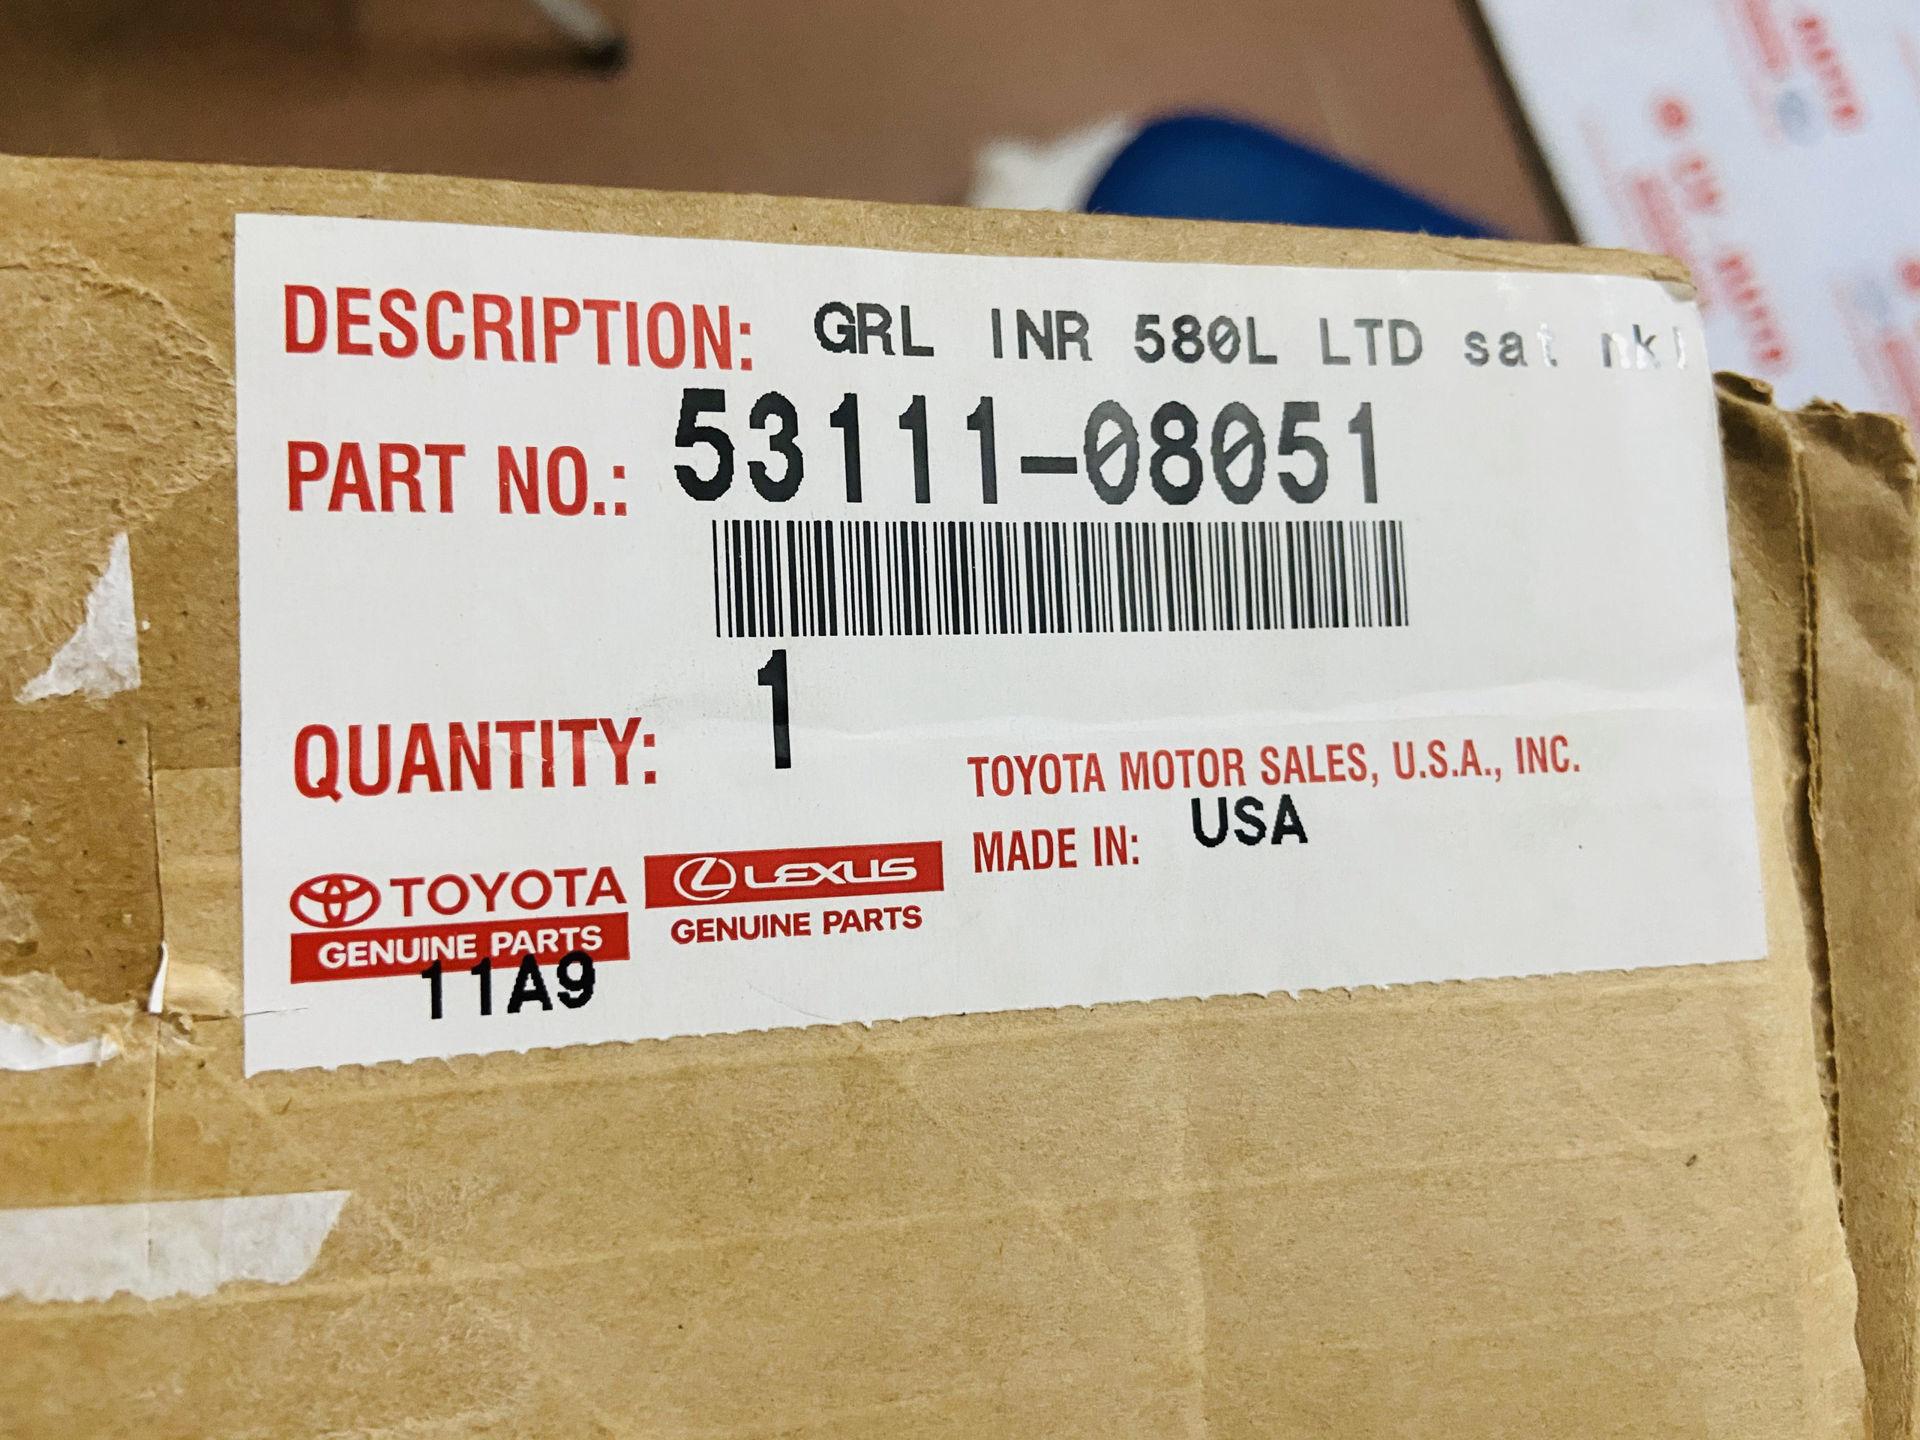 Picture of 53111-08051 Mặt ca lăng Toyota Sienna 2010-2014 chính hãng